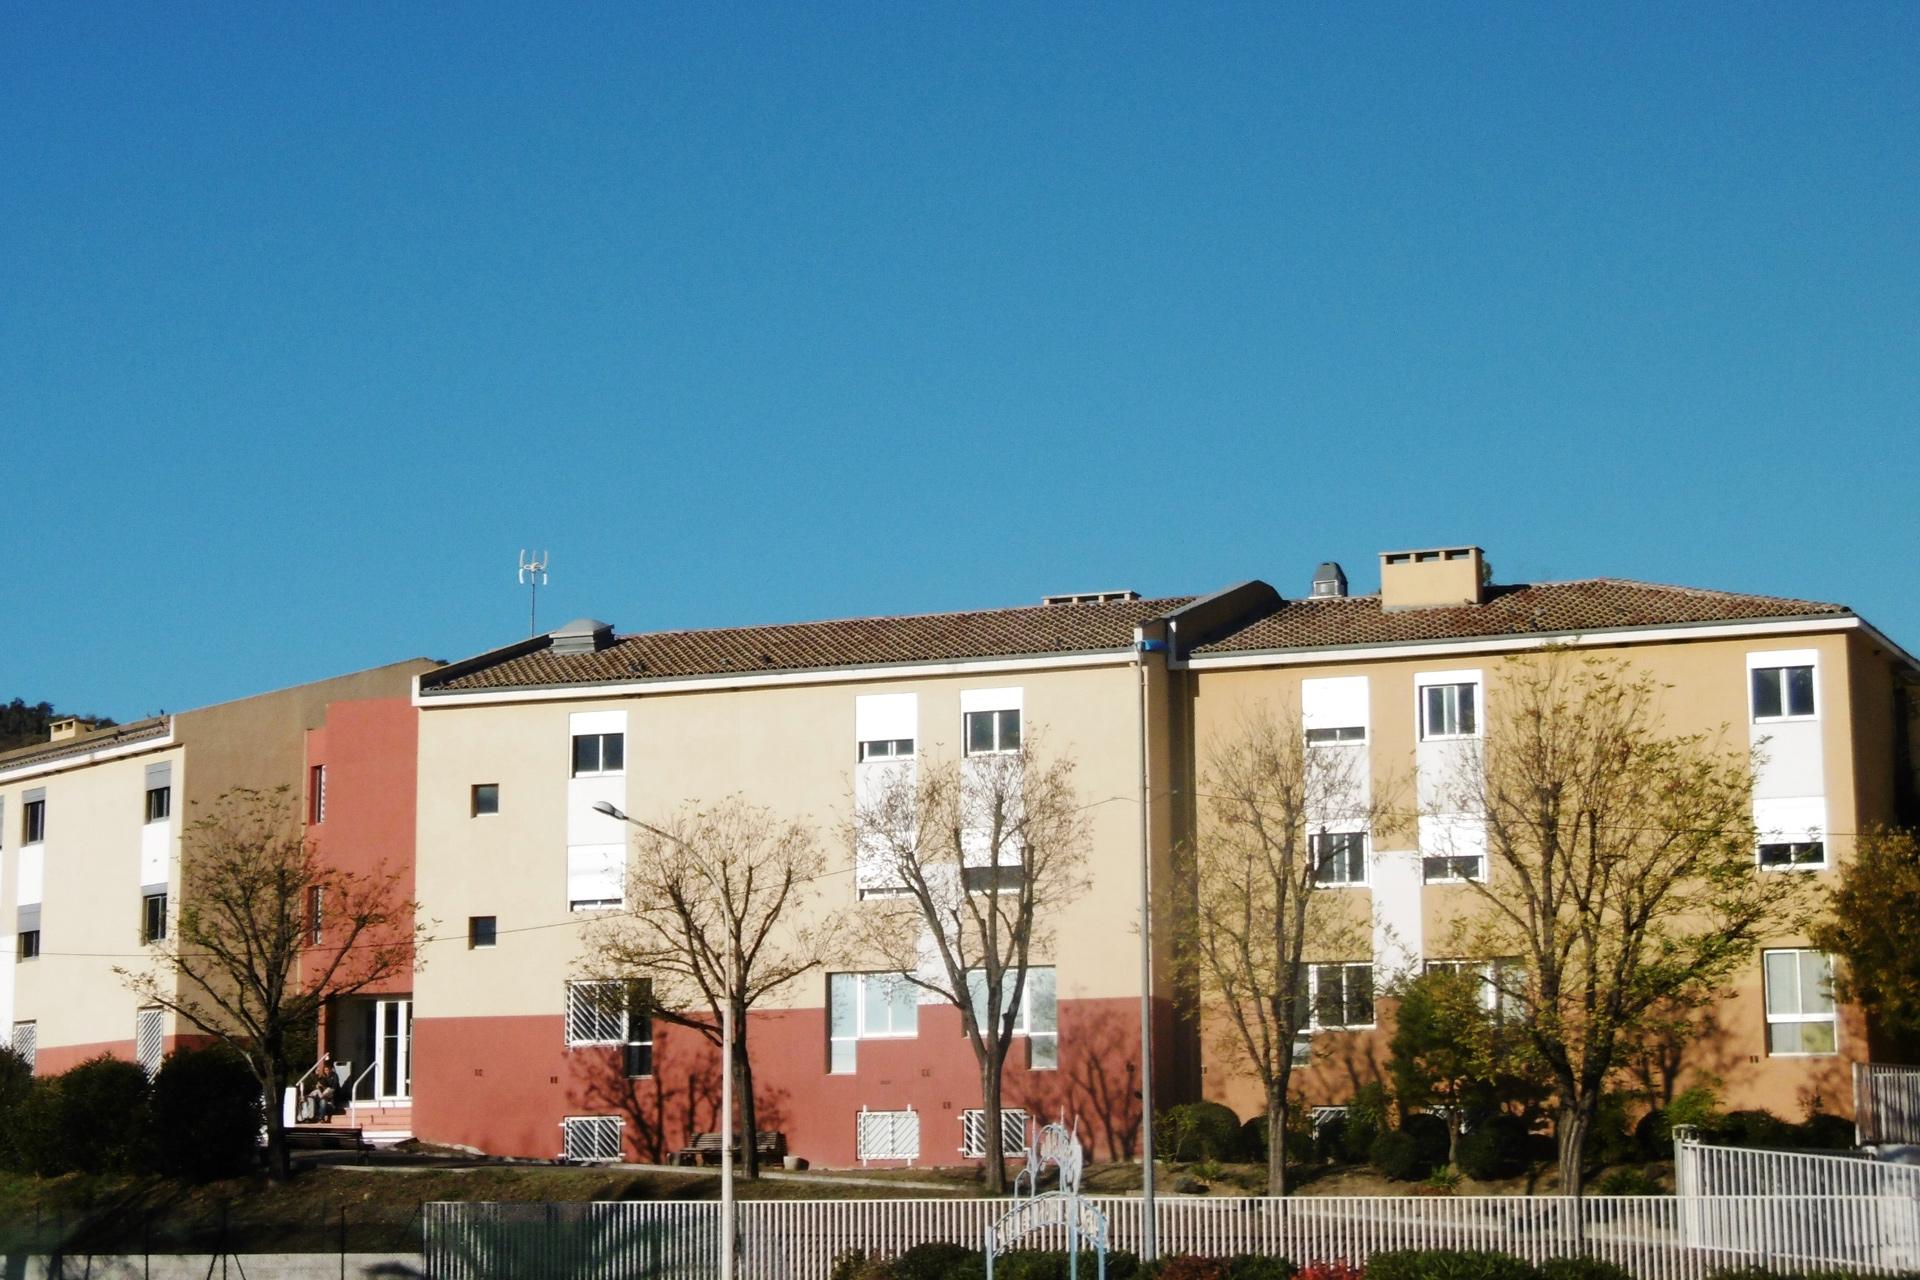 Exterieur du bâtiment de la Clinique du Val d'Estreilles